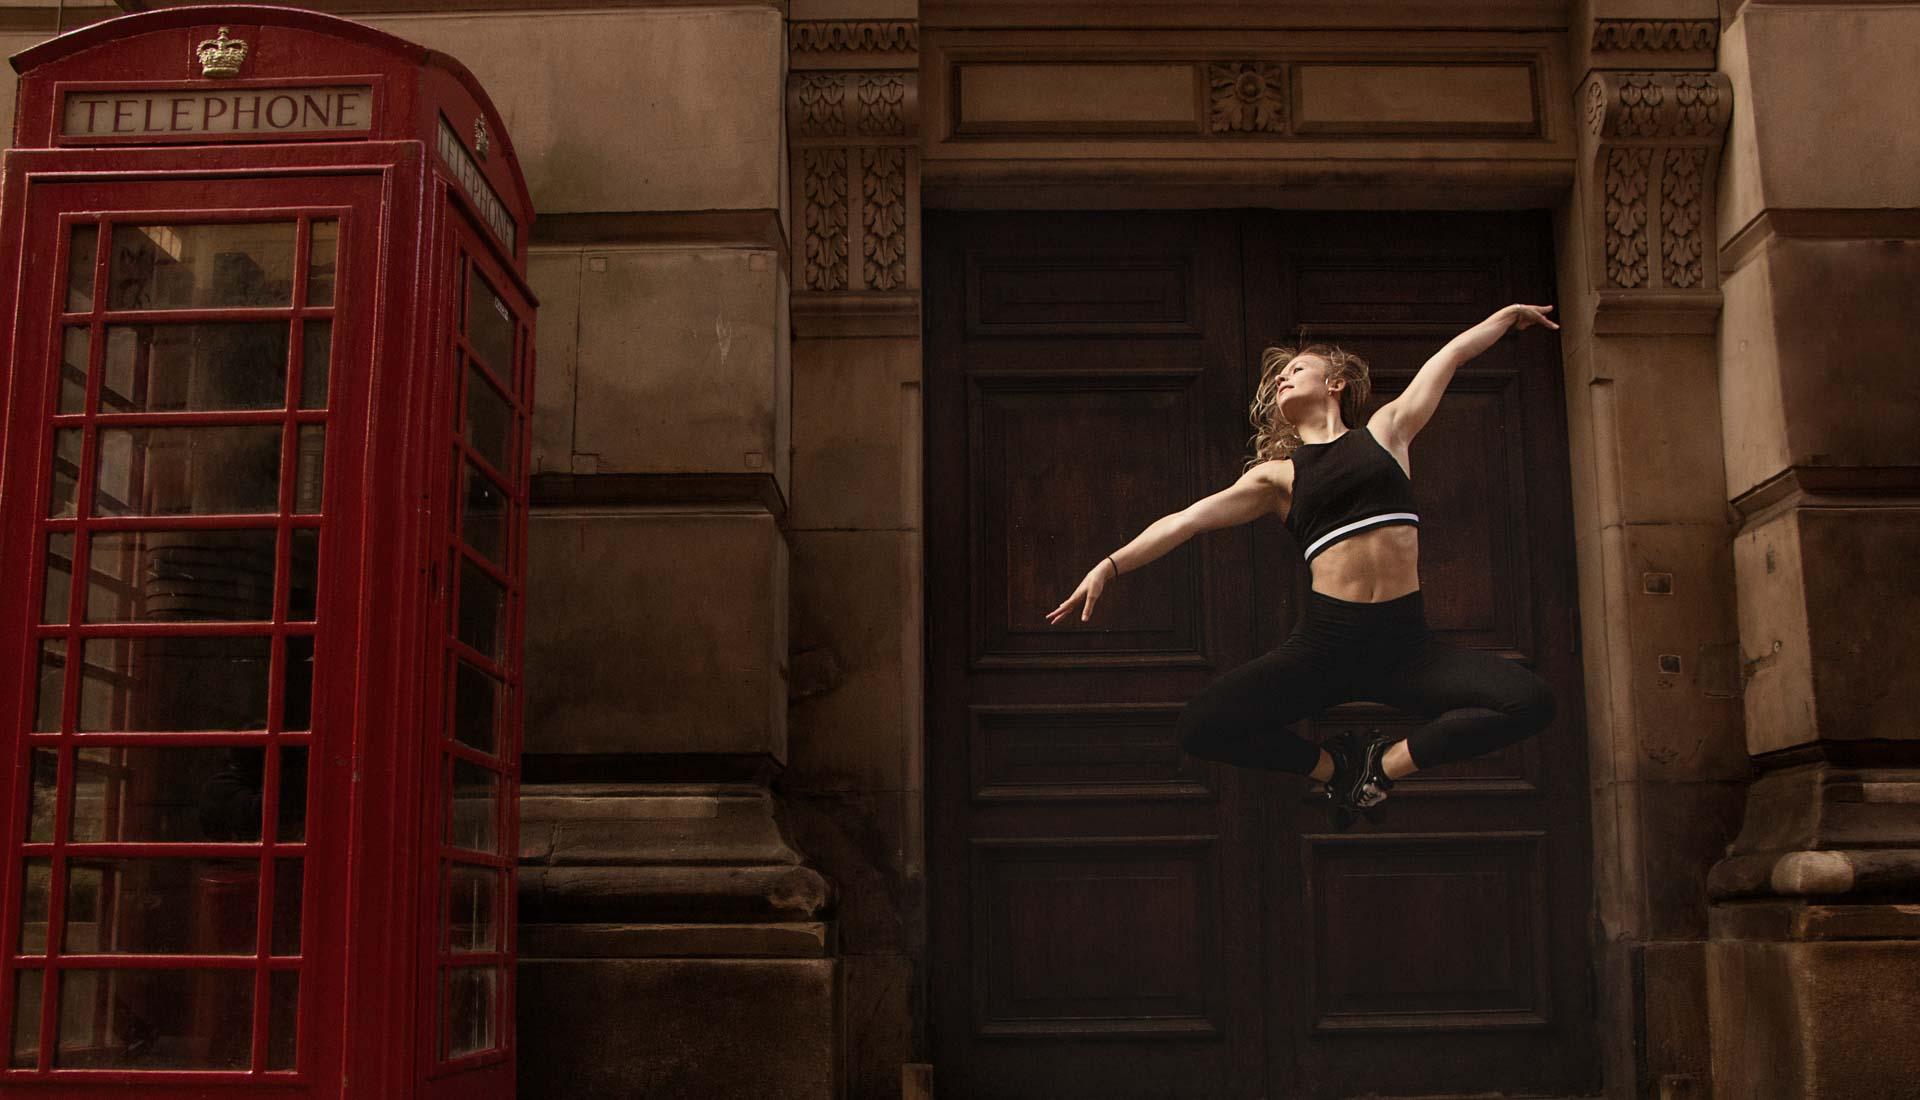 Ballet dance photoshoot in Birmingham city centre, street dance photography, dance photographer uk, dance photography Birmingham